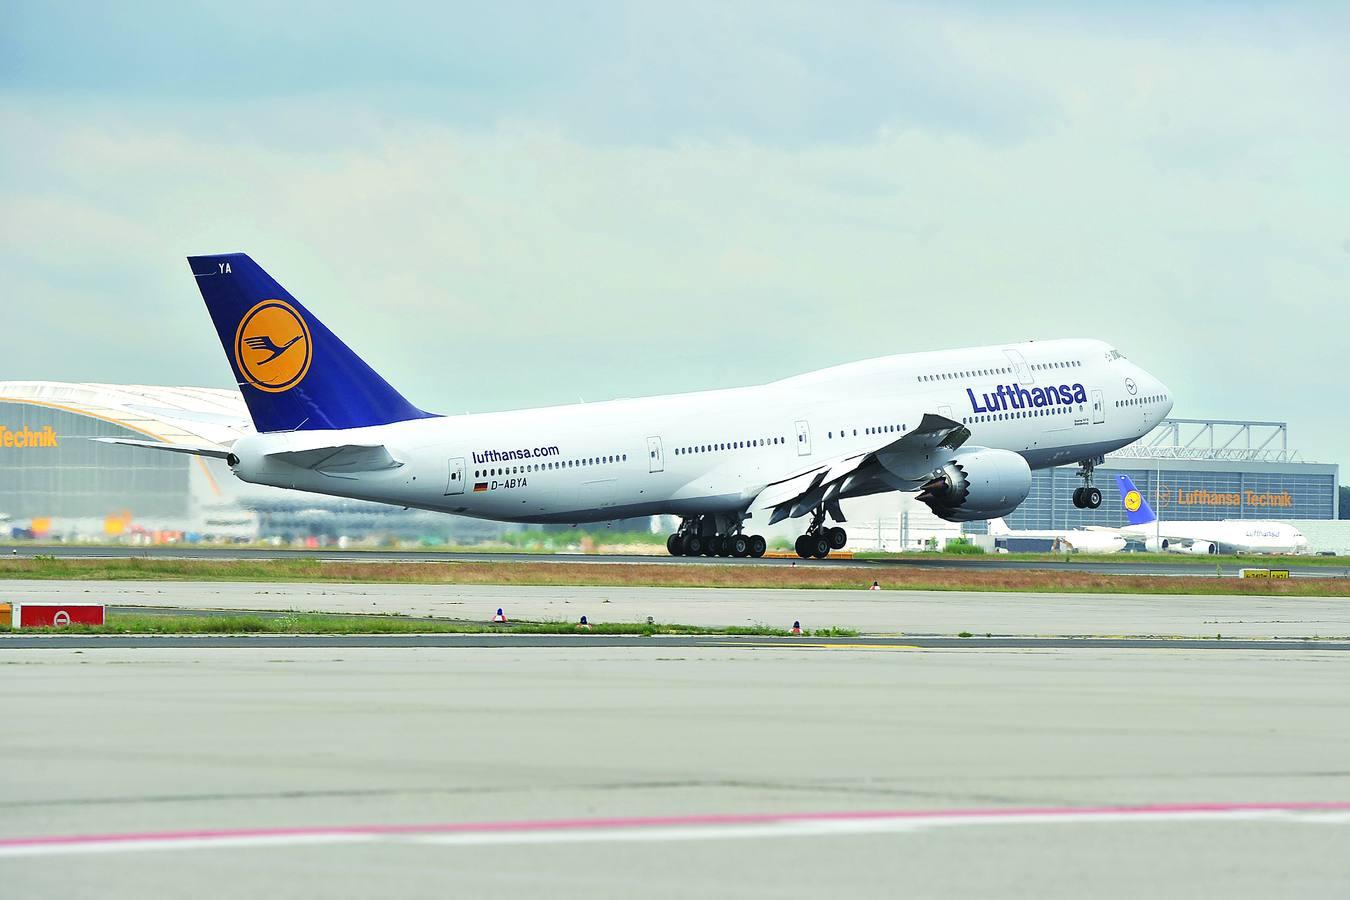 2. Boeing 747-800